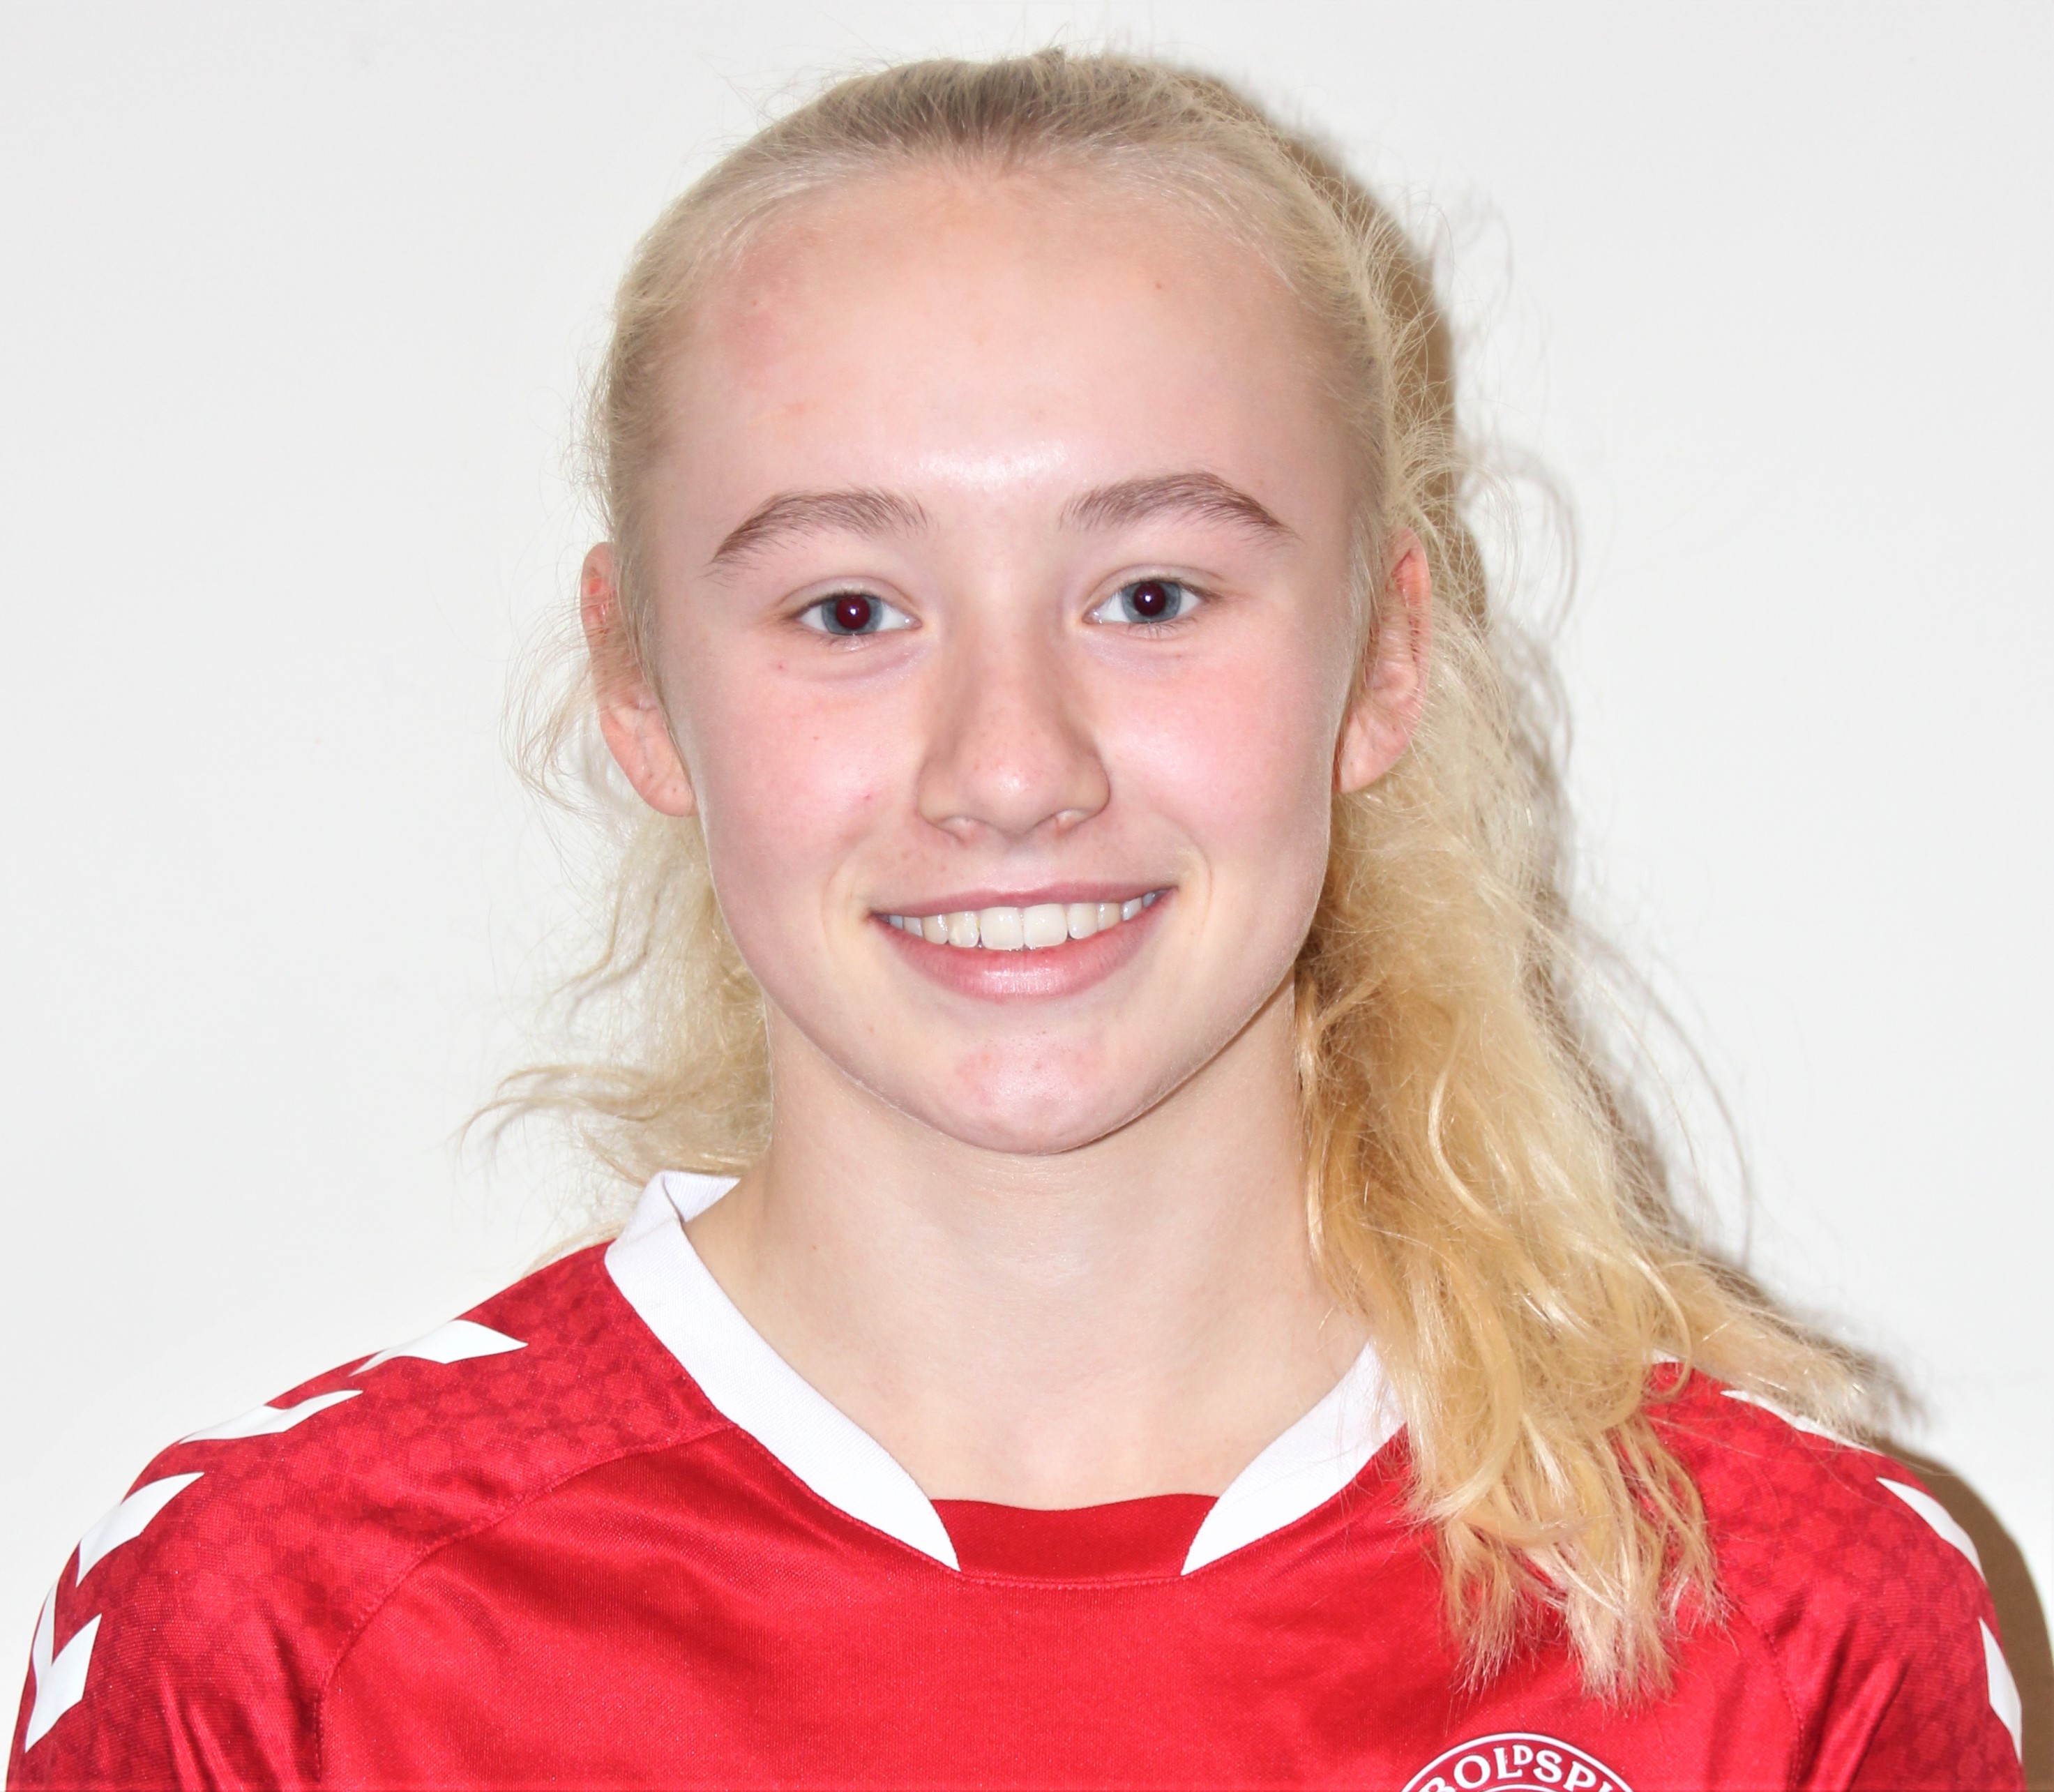 Olivia Thorndahl